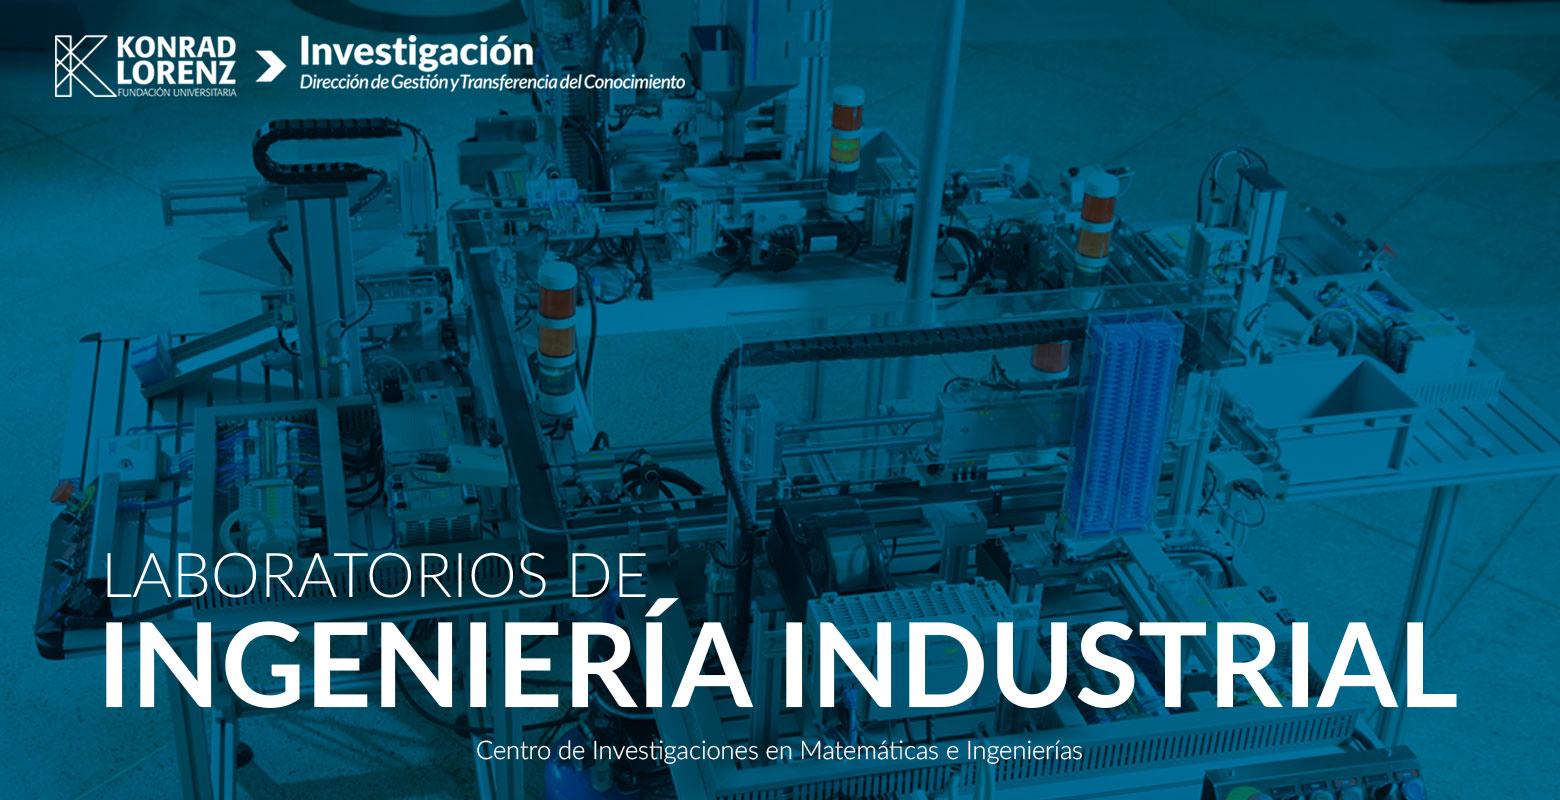 Laboratorios de Ingeniería Industrial